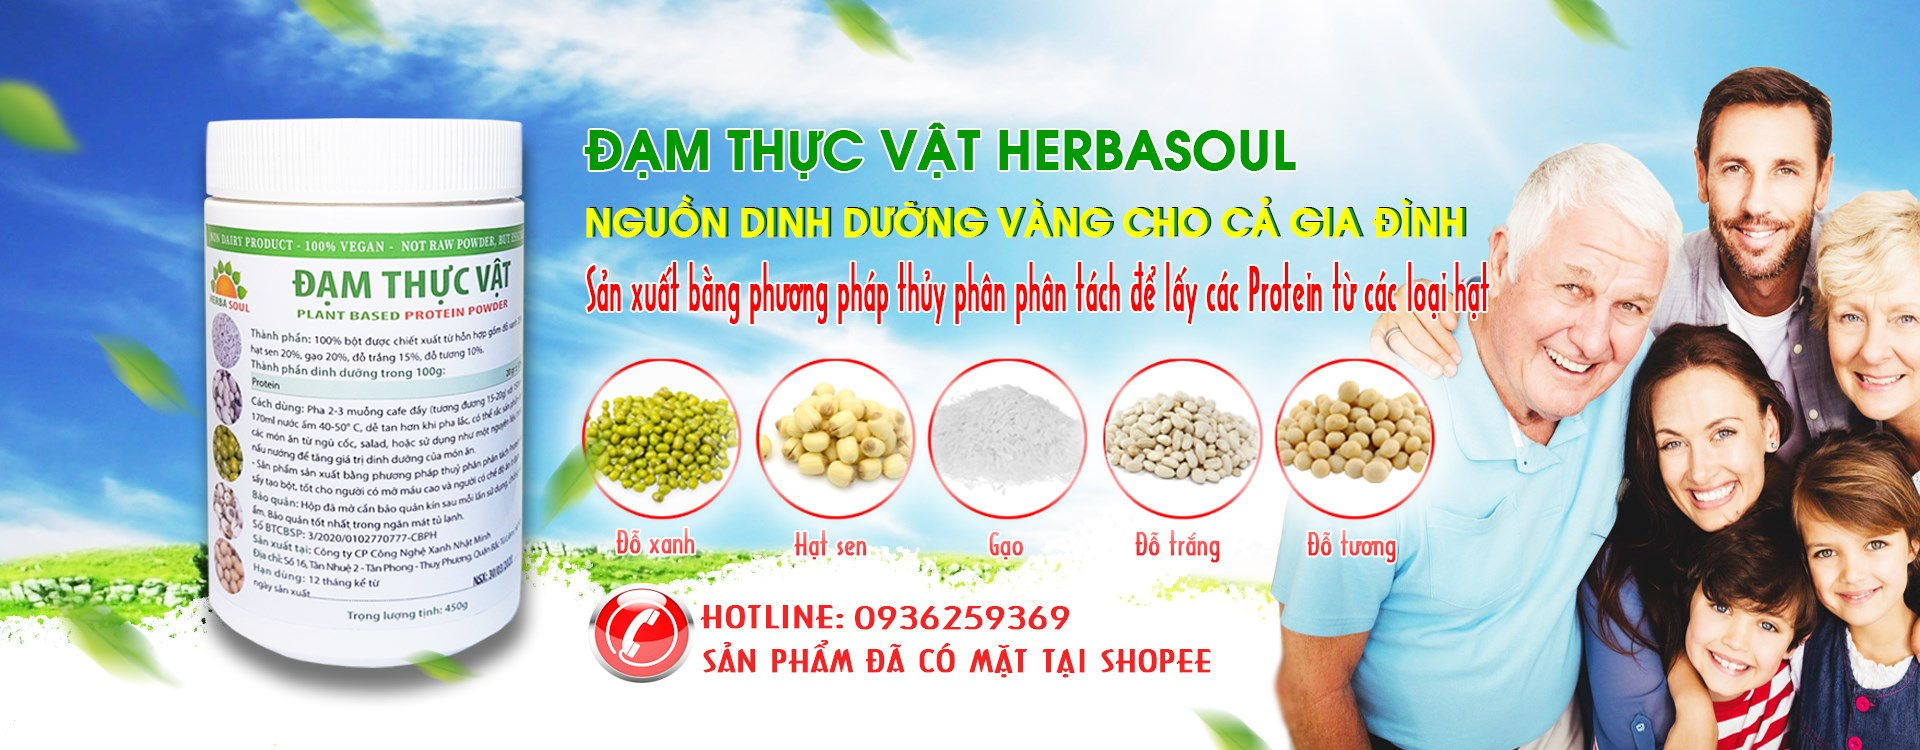 đạm thực vật herbasoul, protein thực vật